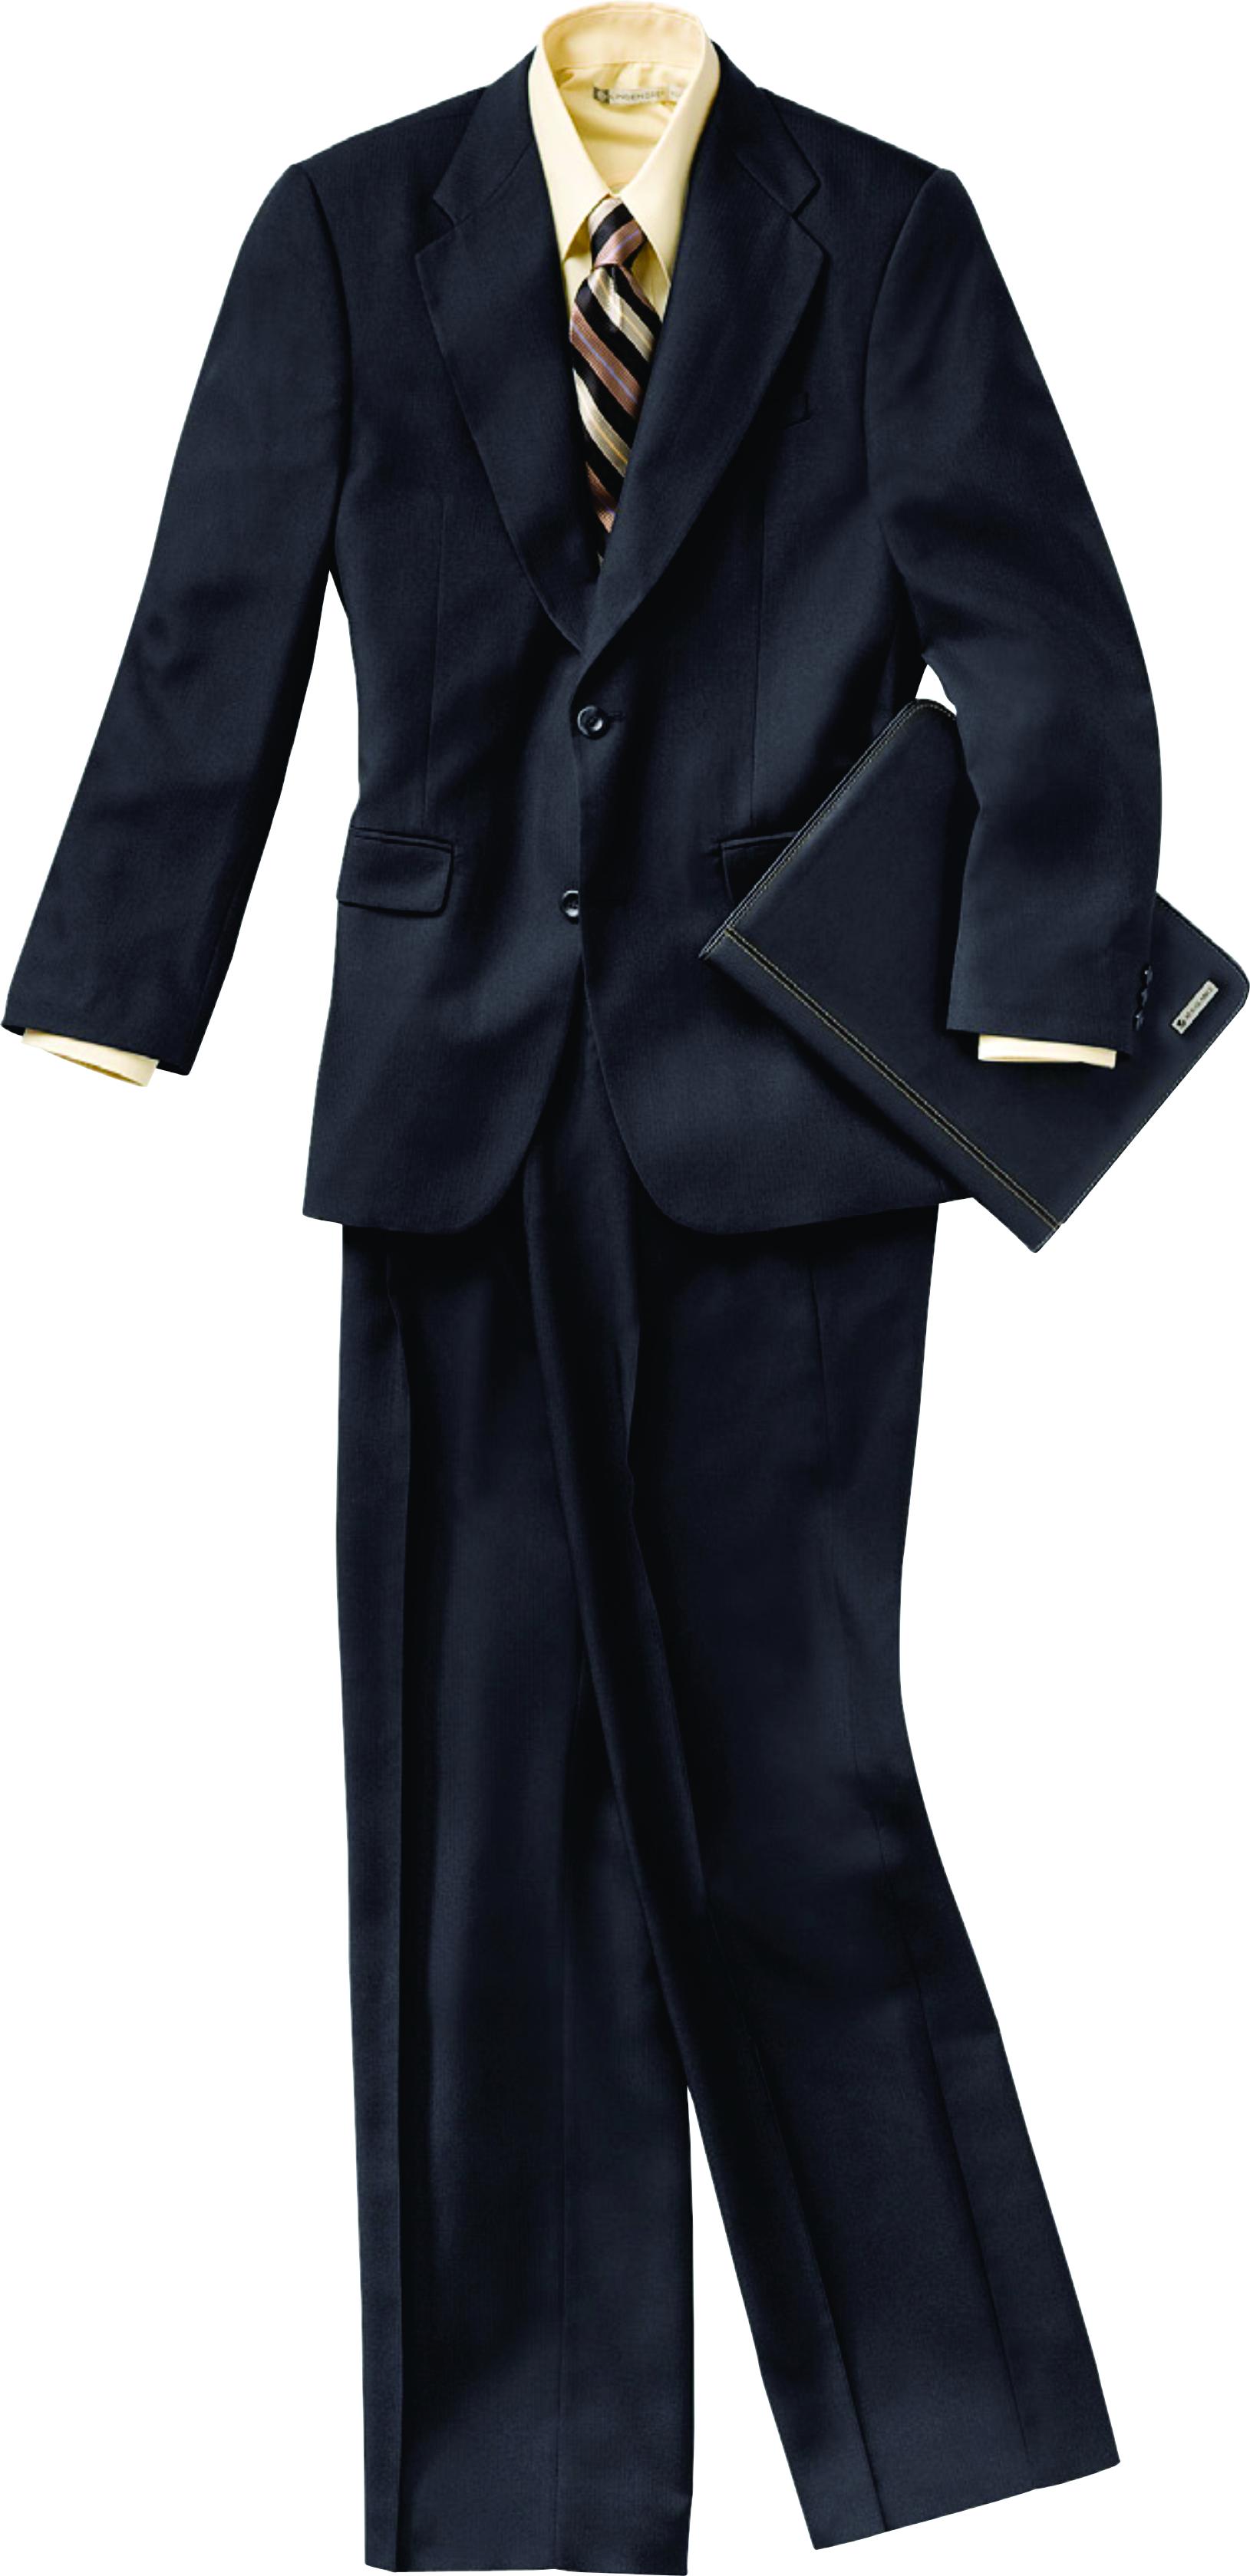 Captain Uniform 04